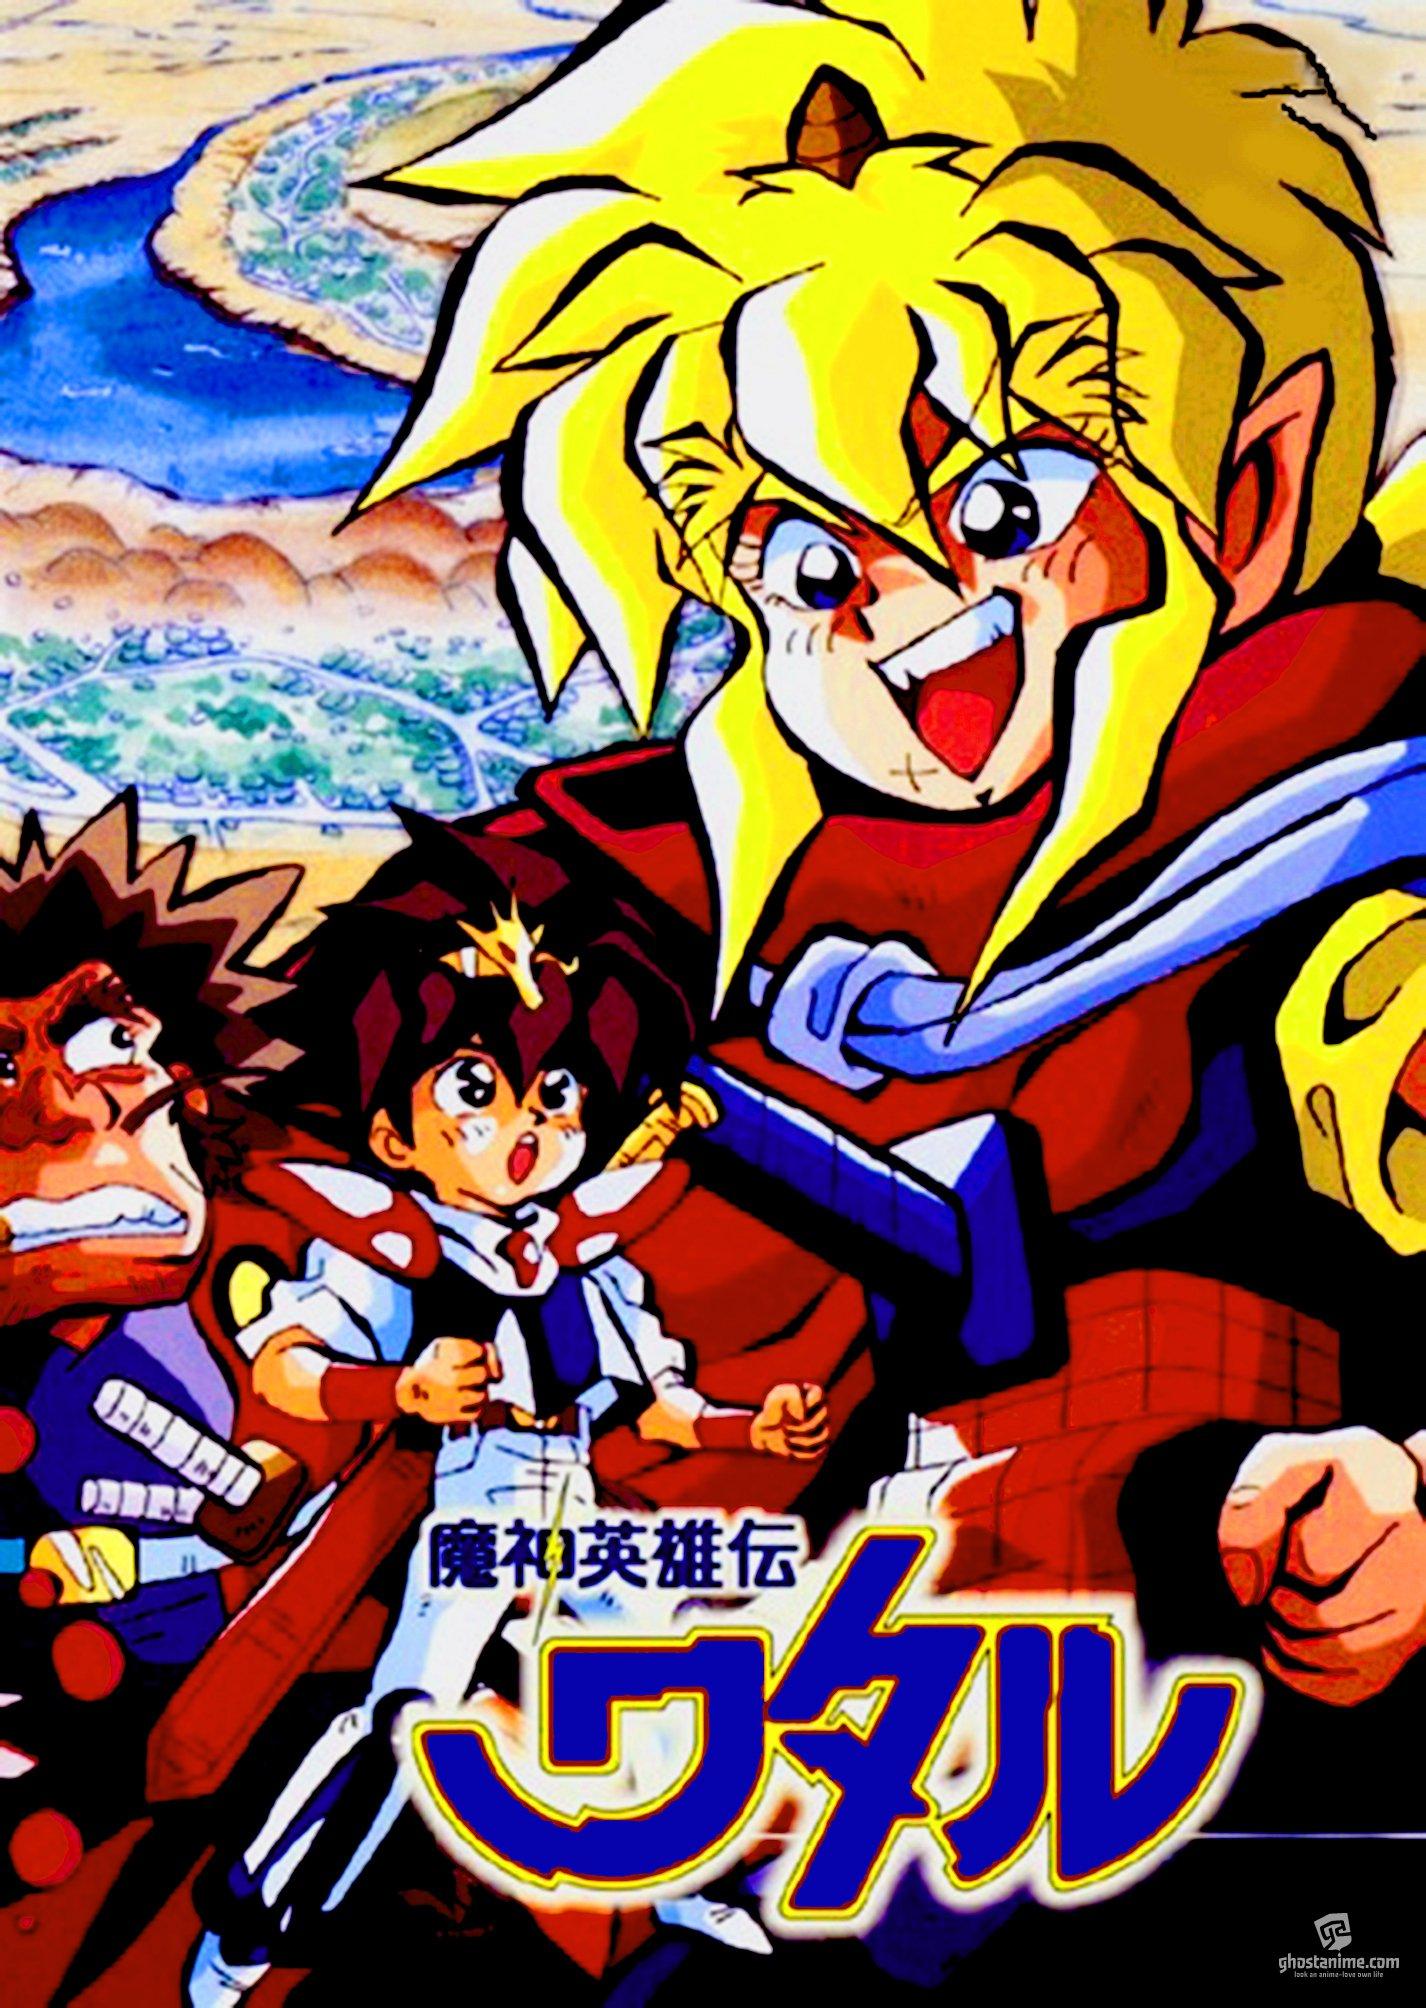 Смотреть аниме Маленькие Спасатели [ТВ-1] / Mashin Eiyuuden Wataru онлайн бесплатно